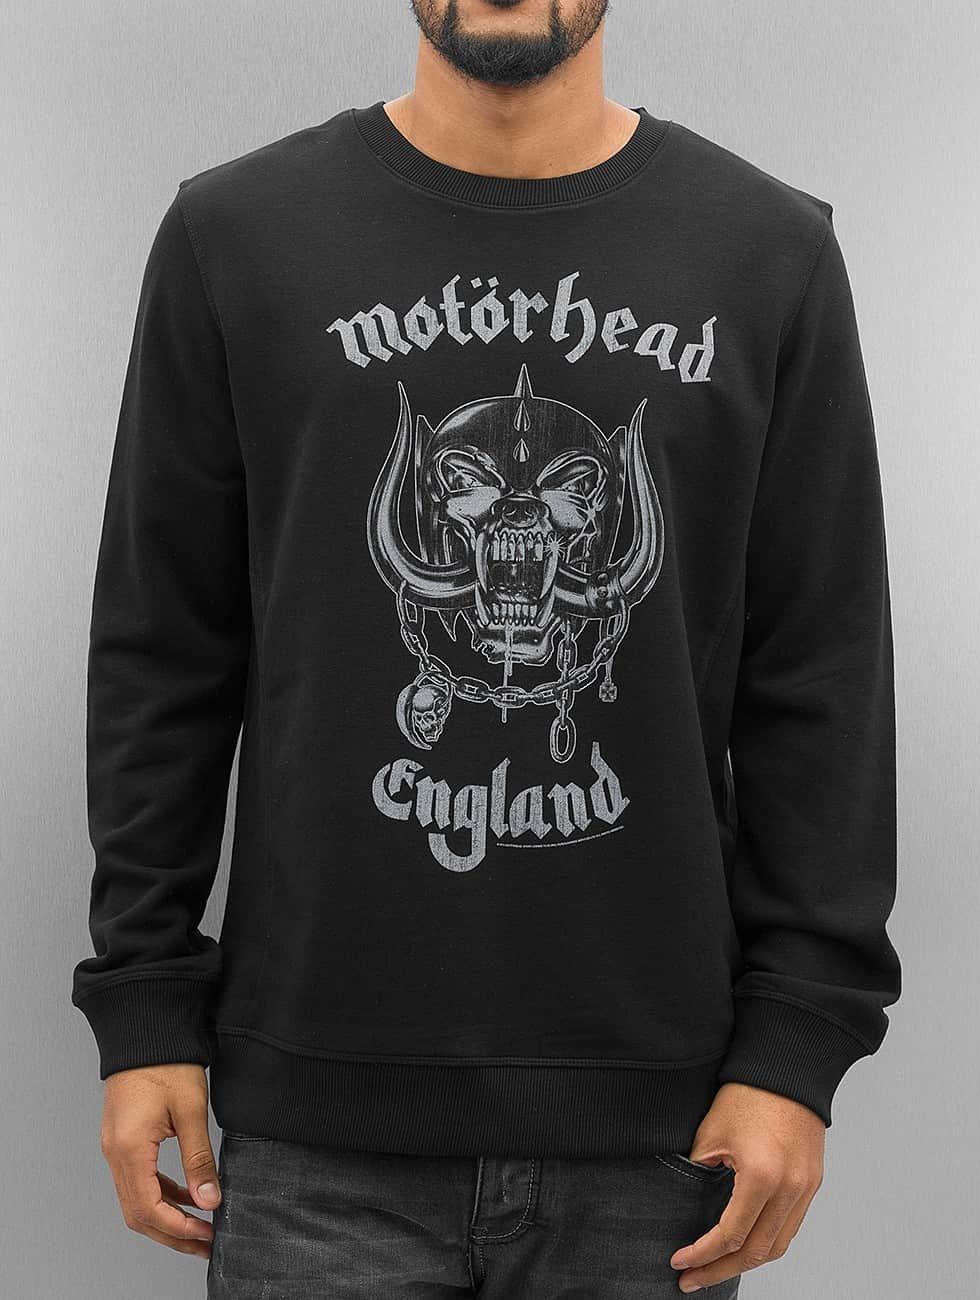 Amplified Pullover Motörhead England black